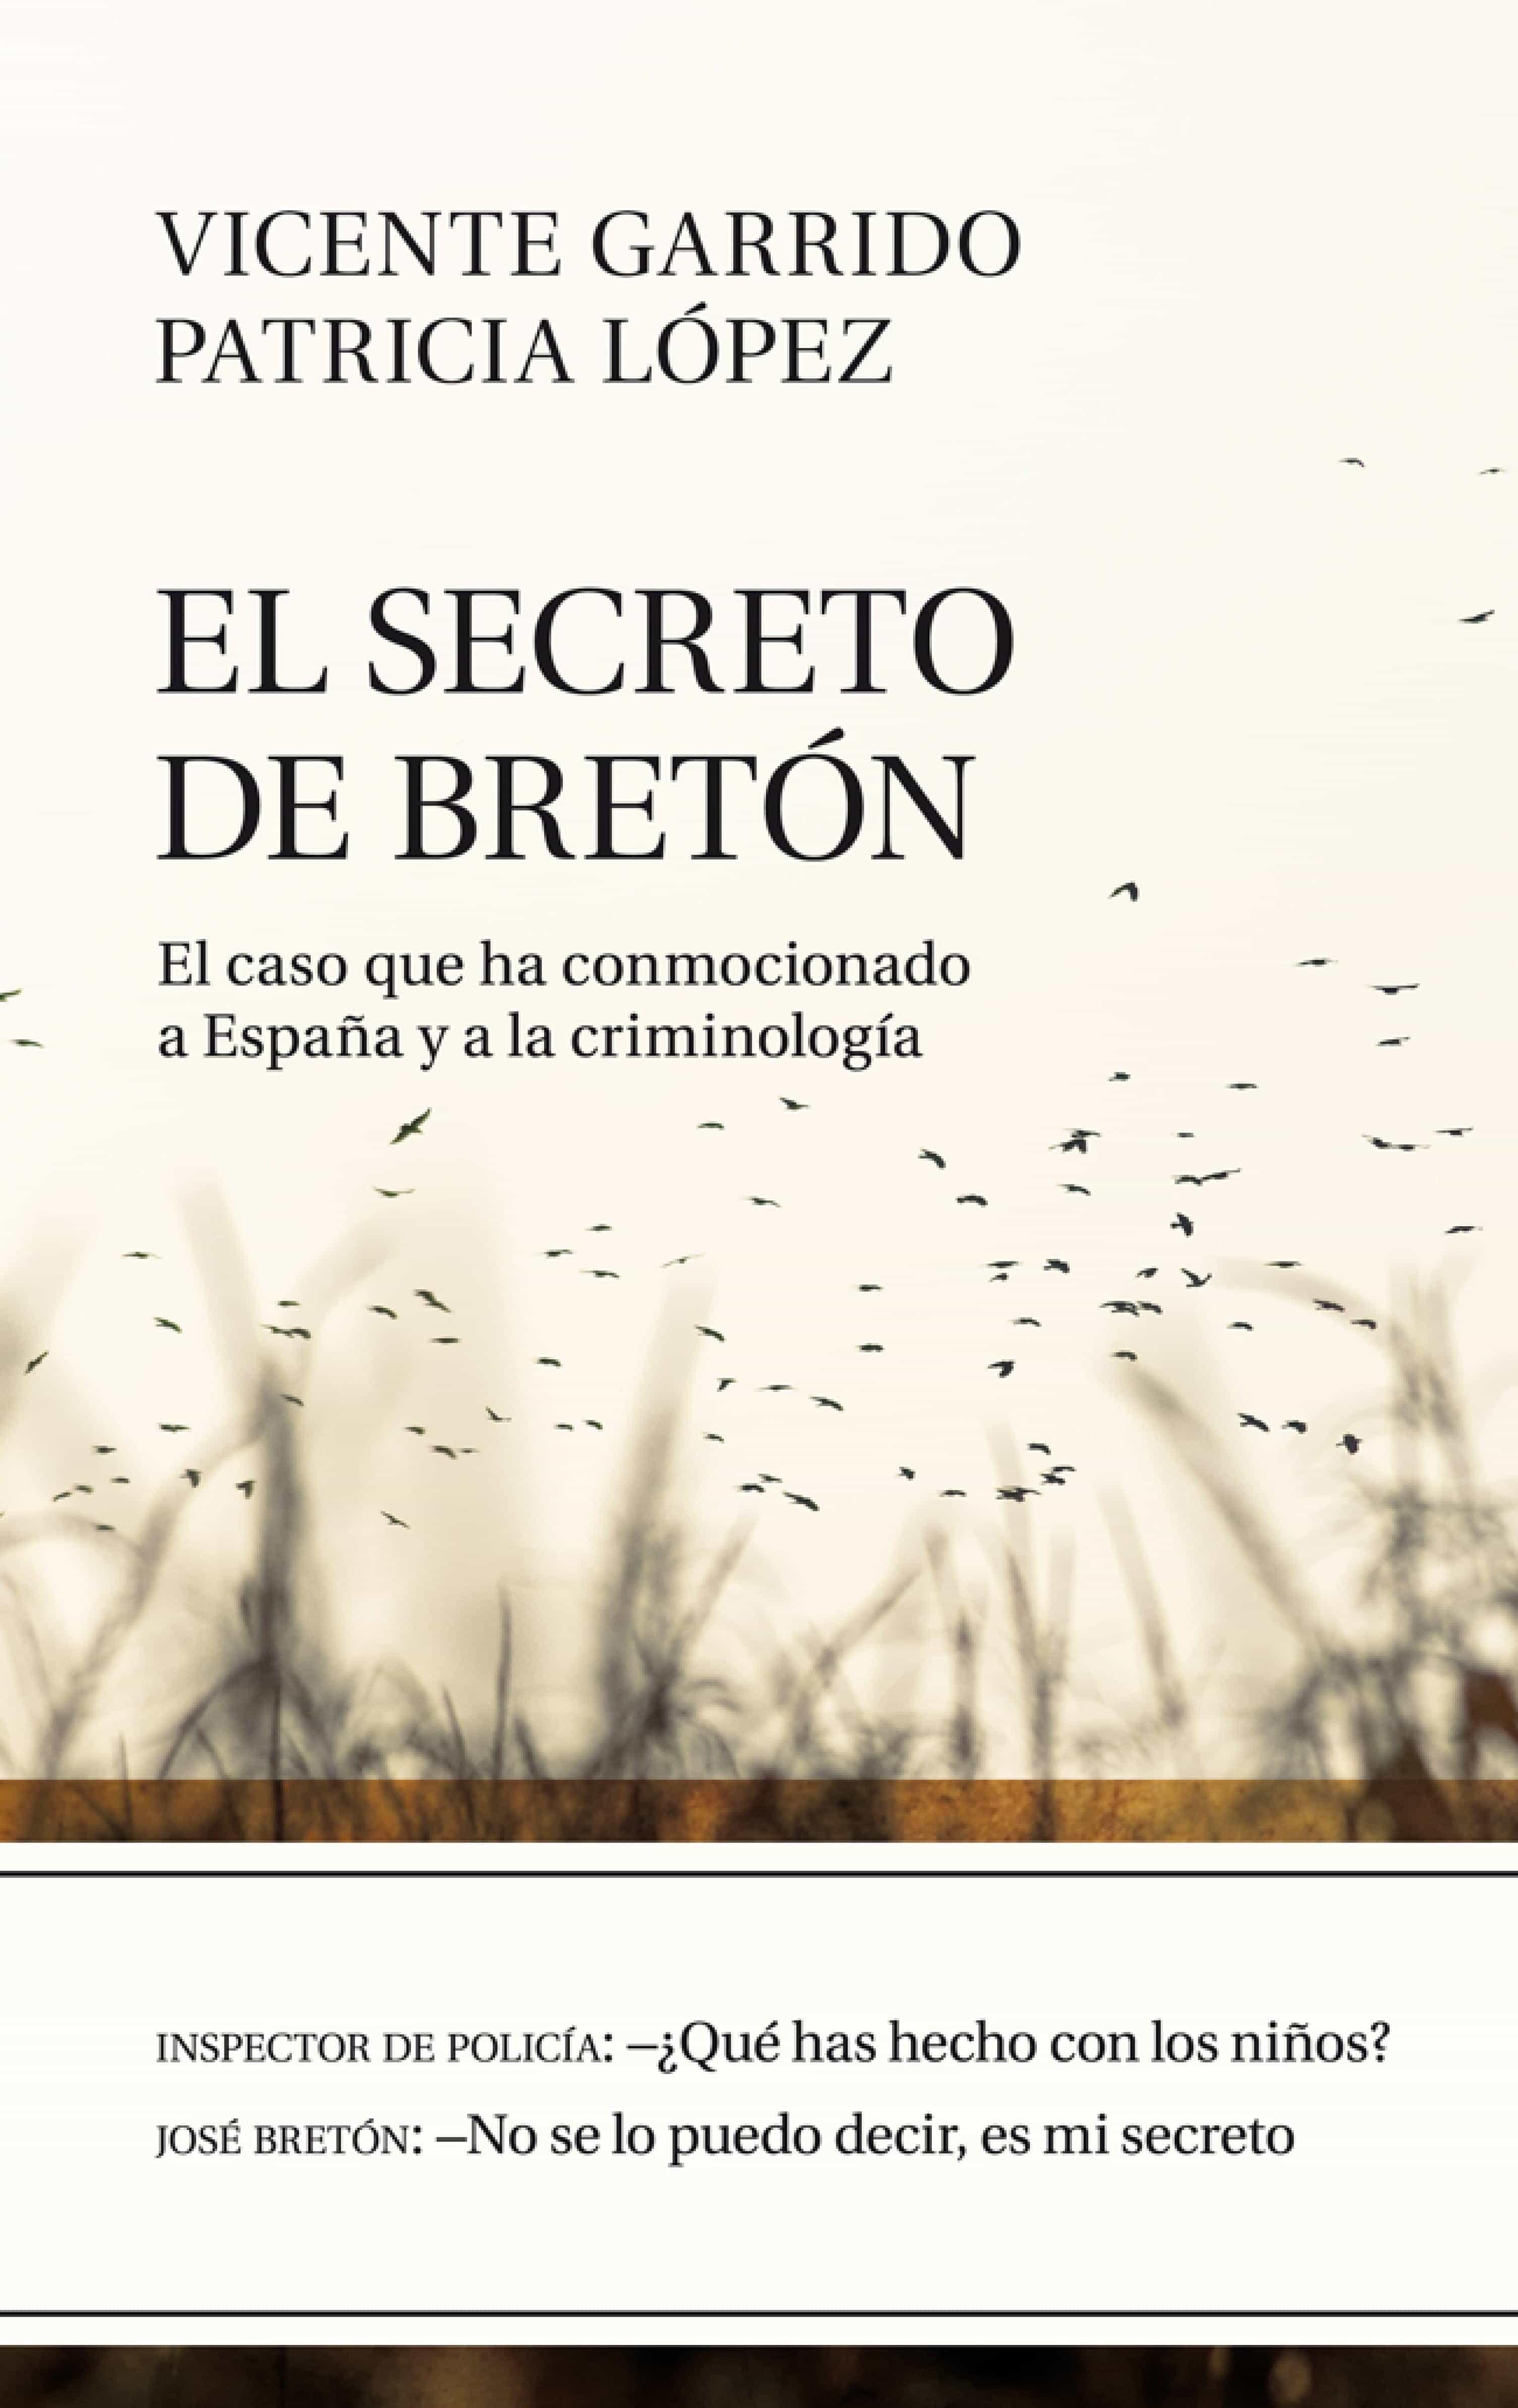 El Secreto De Bretón   por Vicente Garrido, Patricia Lopez